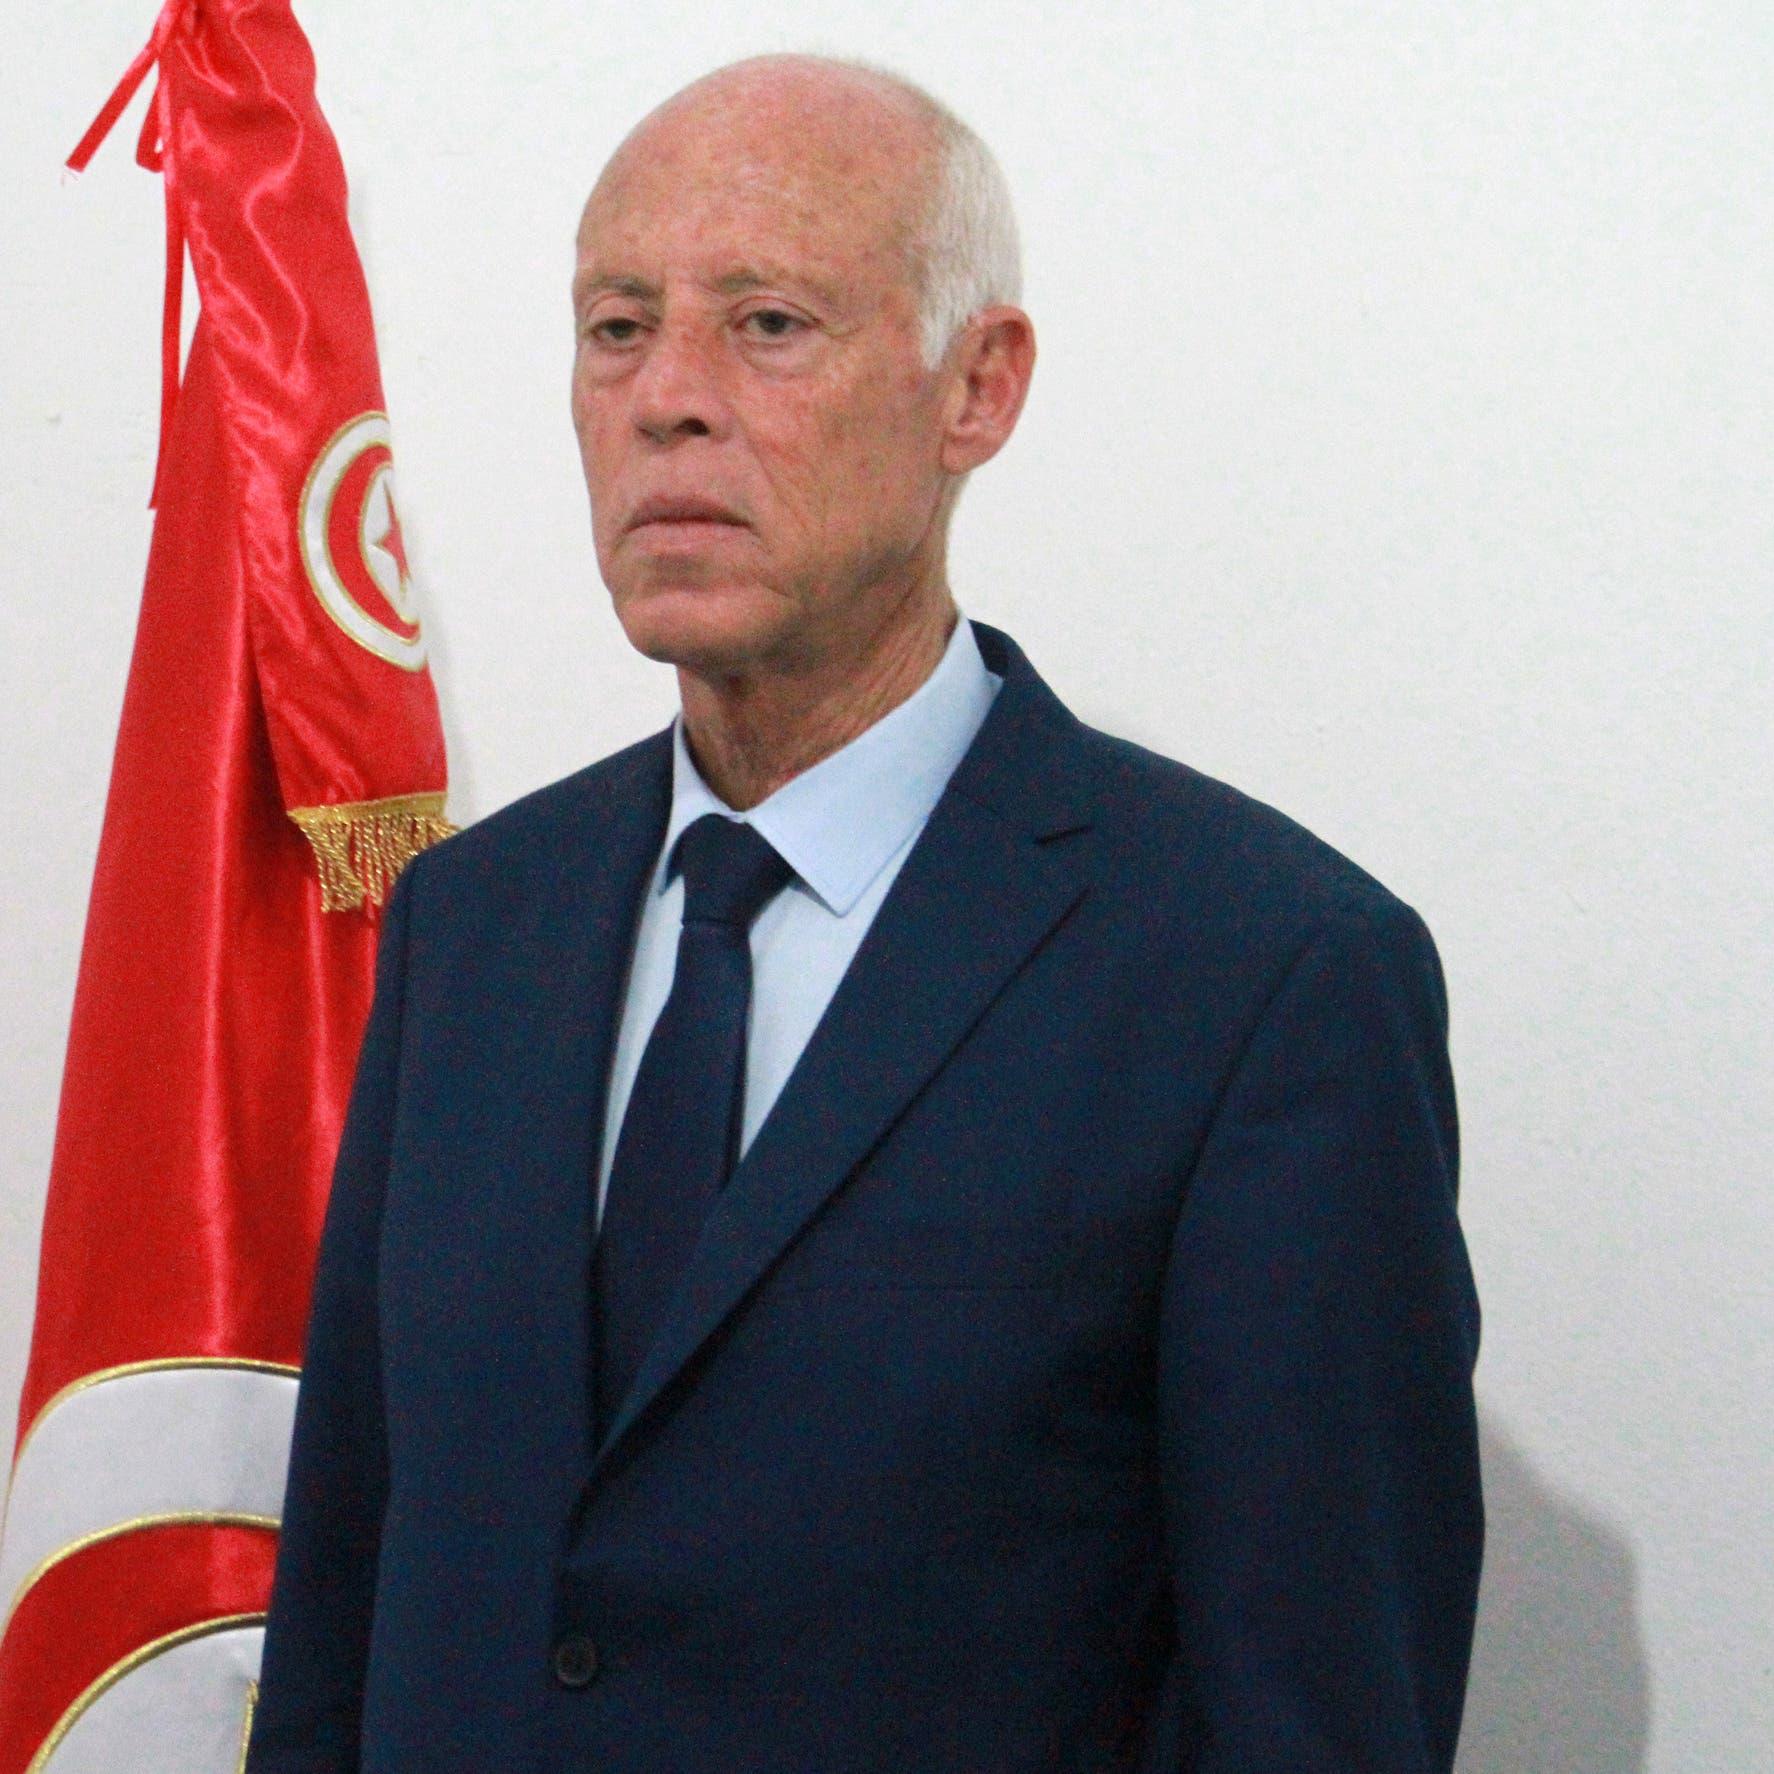 قيس سعيد.. أستاذ قانون يقترب من رئاسة تونس